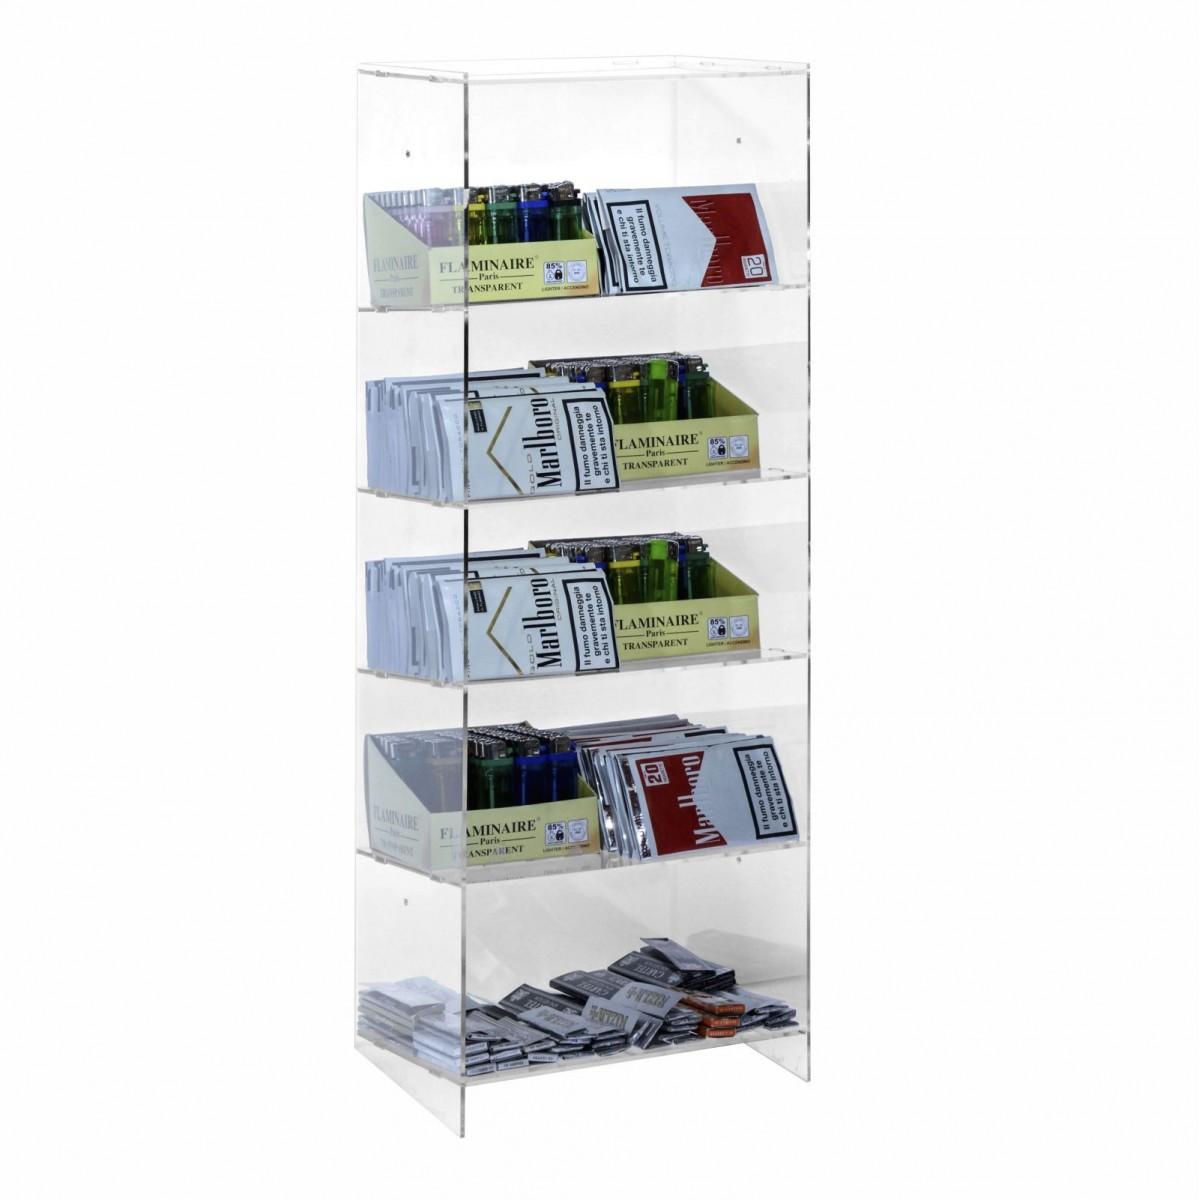 tischlein aus plexiglass transparent. Black Bedroom Furniture Sets. Home Design Ideas